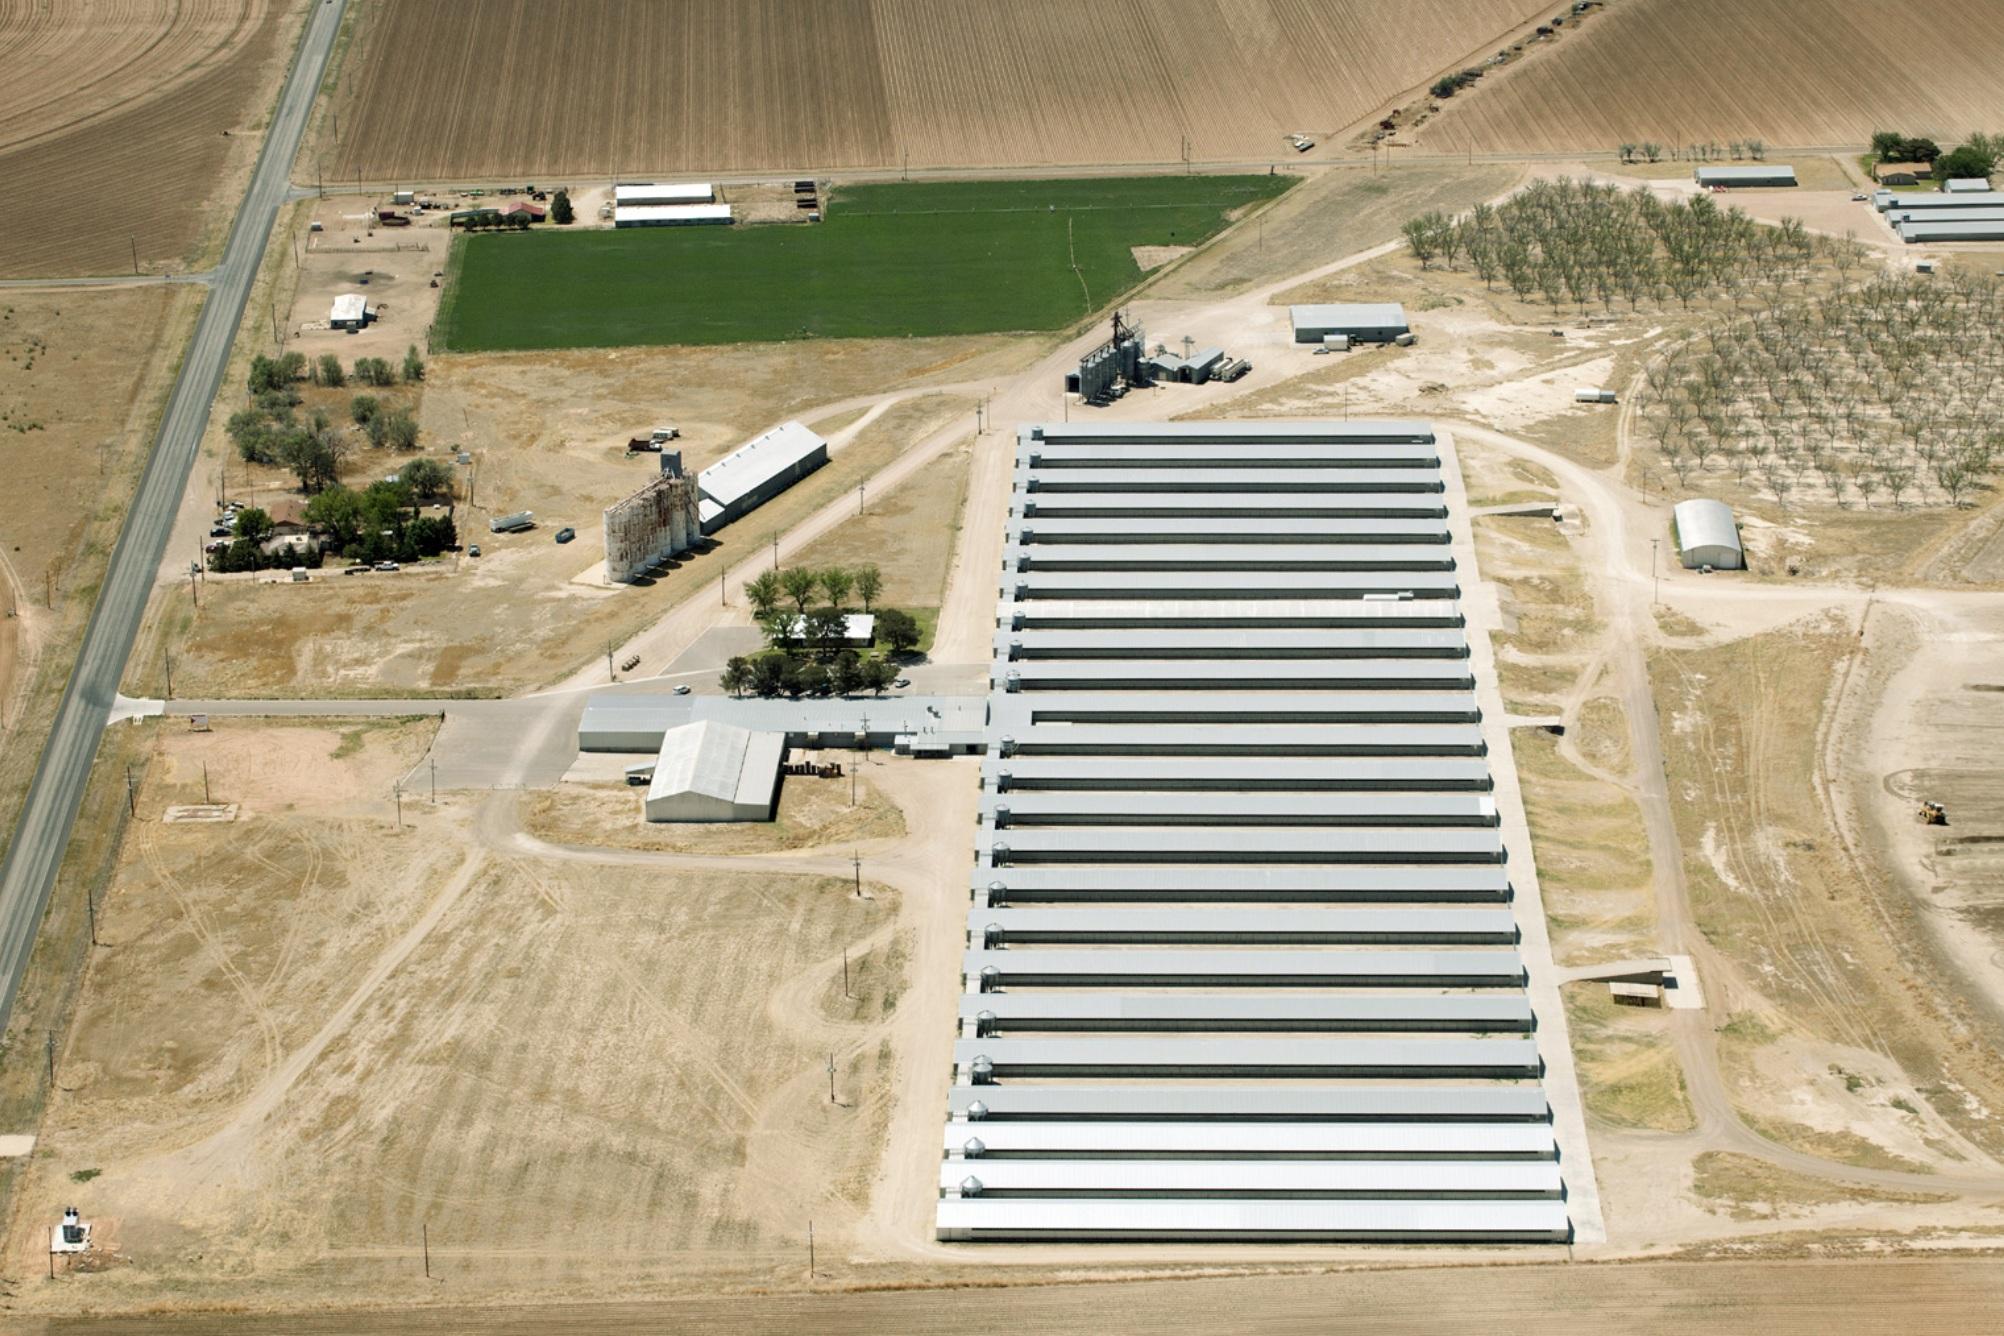 Organic chicken farm photo courtesy of the Cornucopia Institute.